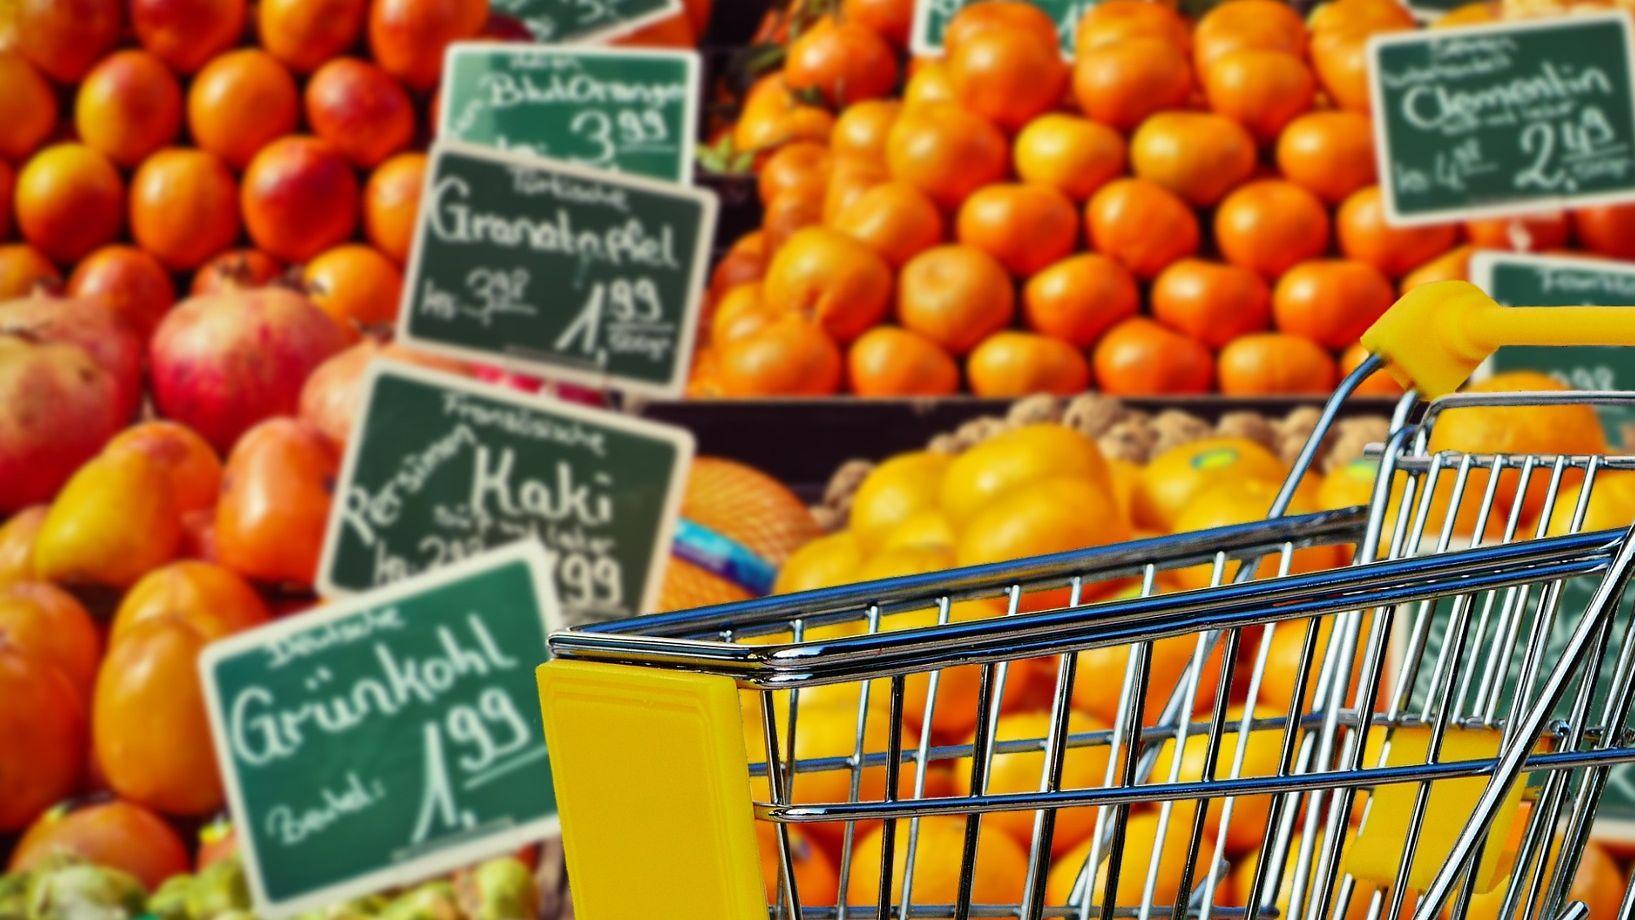 Online Special FMCG & Handel: Preisimage im Handel – Weit mehr als nur Preis/Leistung - Horizont.net